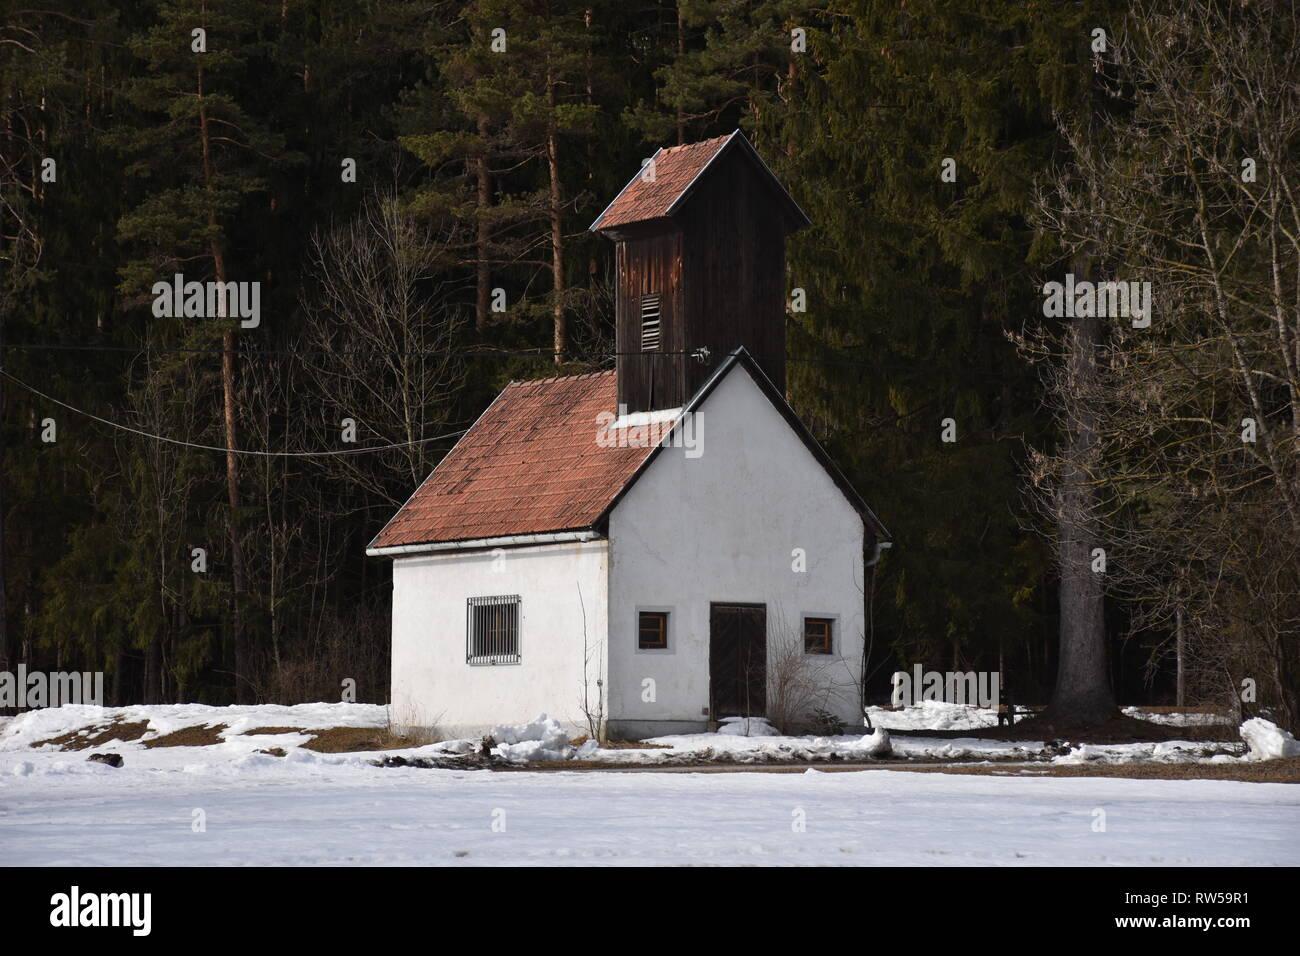 Oberdrauburg, Oberkärnten, Kärnten, Winter, Schnee, Feuerwehr, Feuerwehrhaus, Löschhaus, Freiwillige Feuerwehr, Unterpirkach, alt, historisch, Haus, H - Stock Image